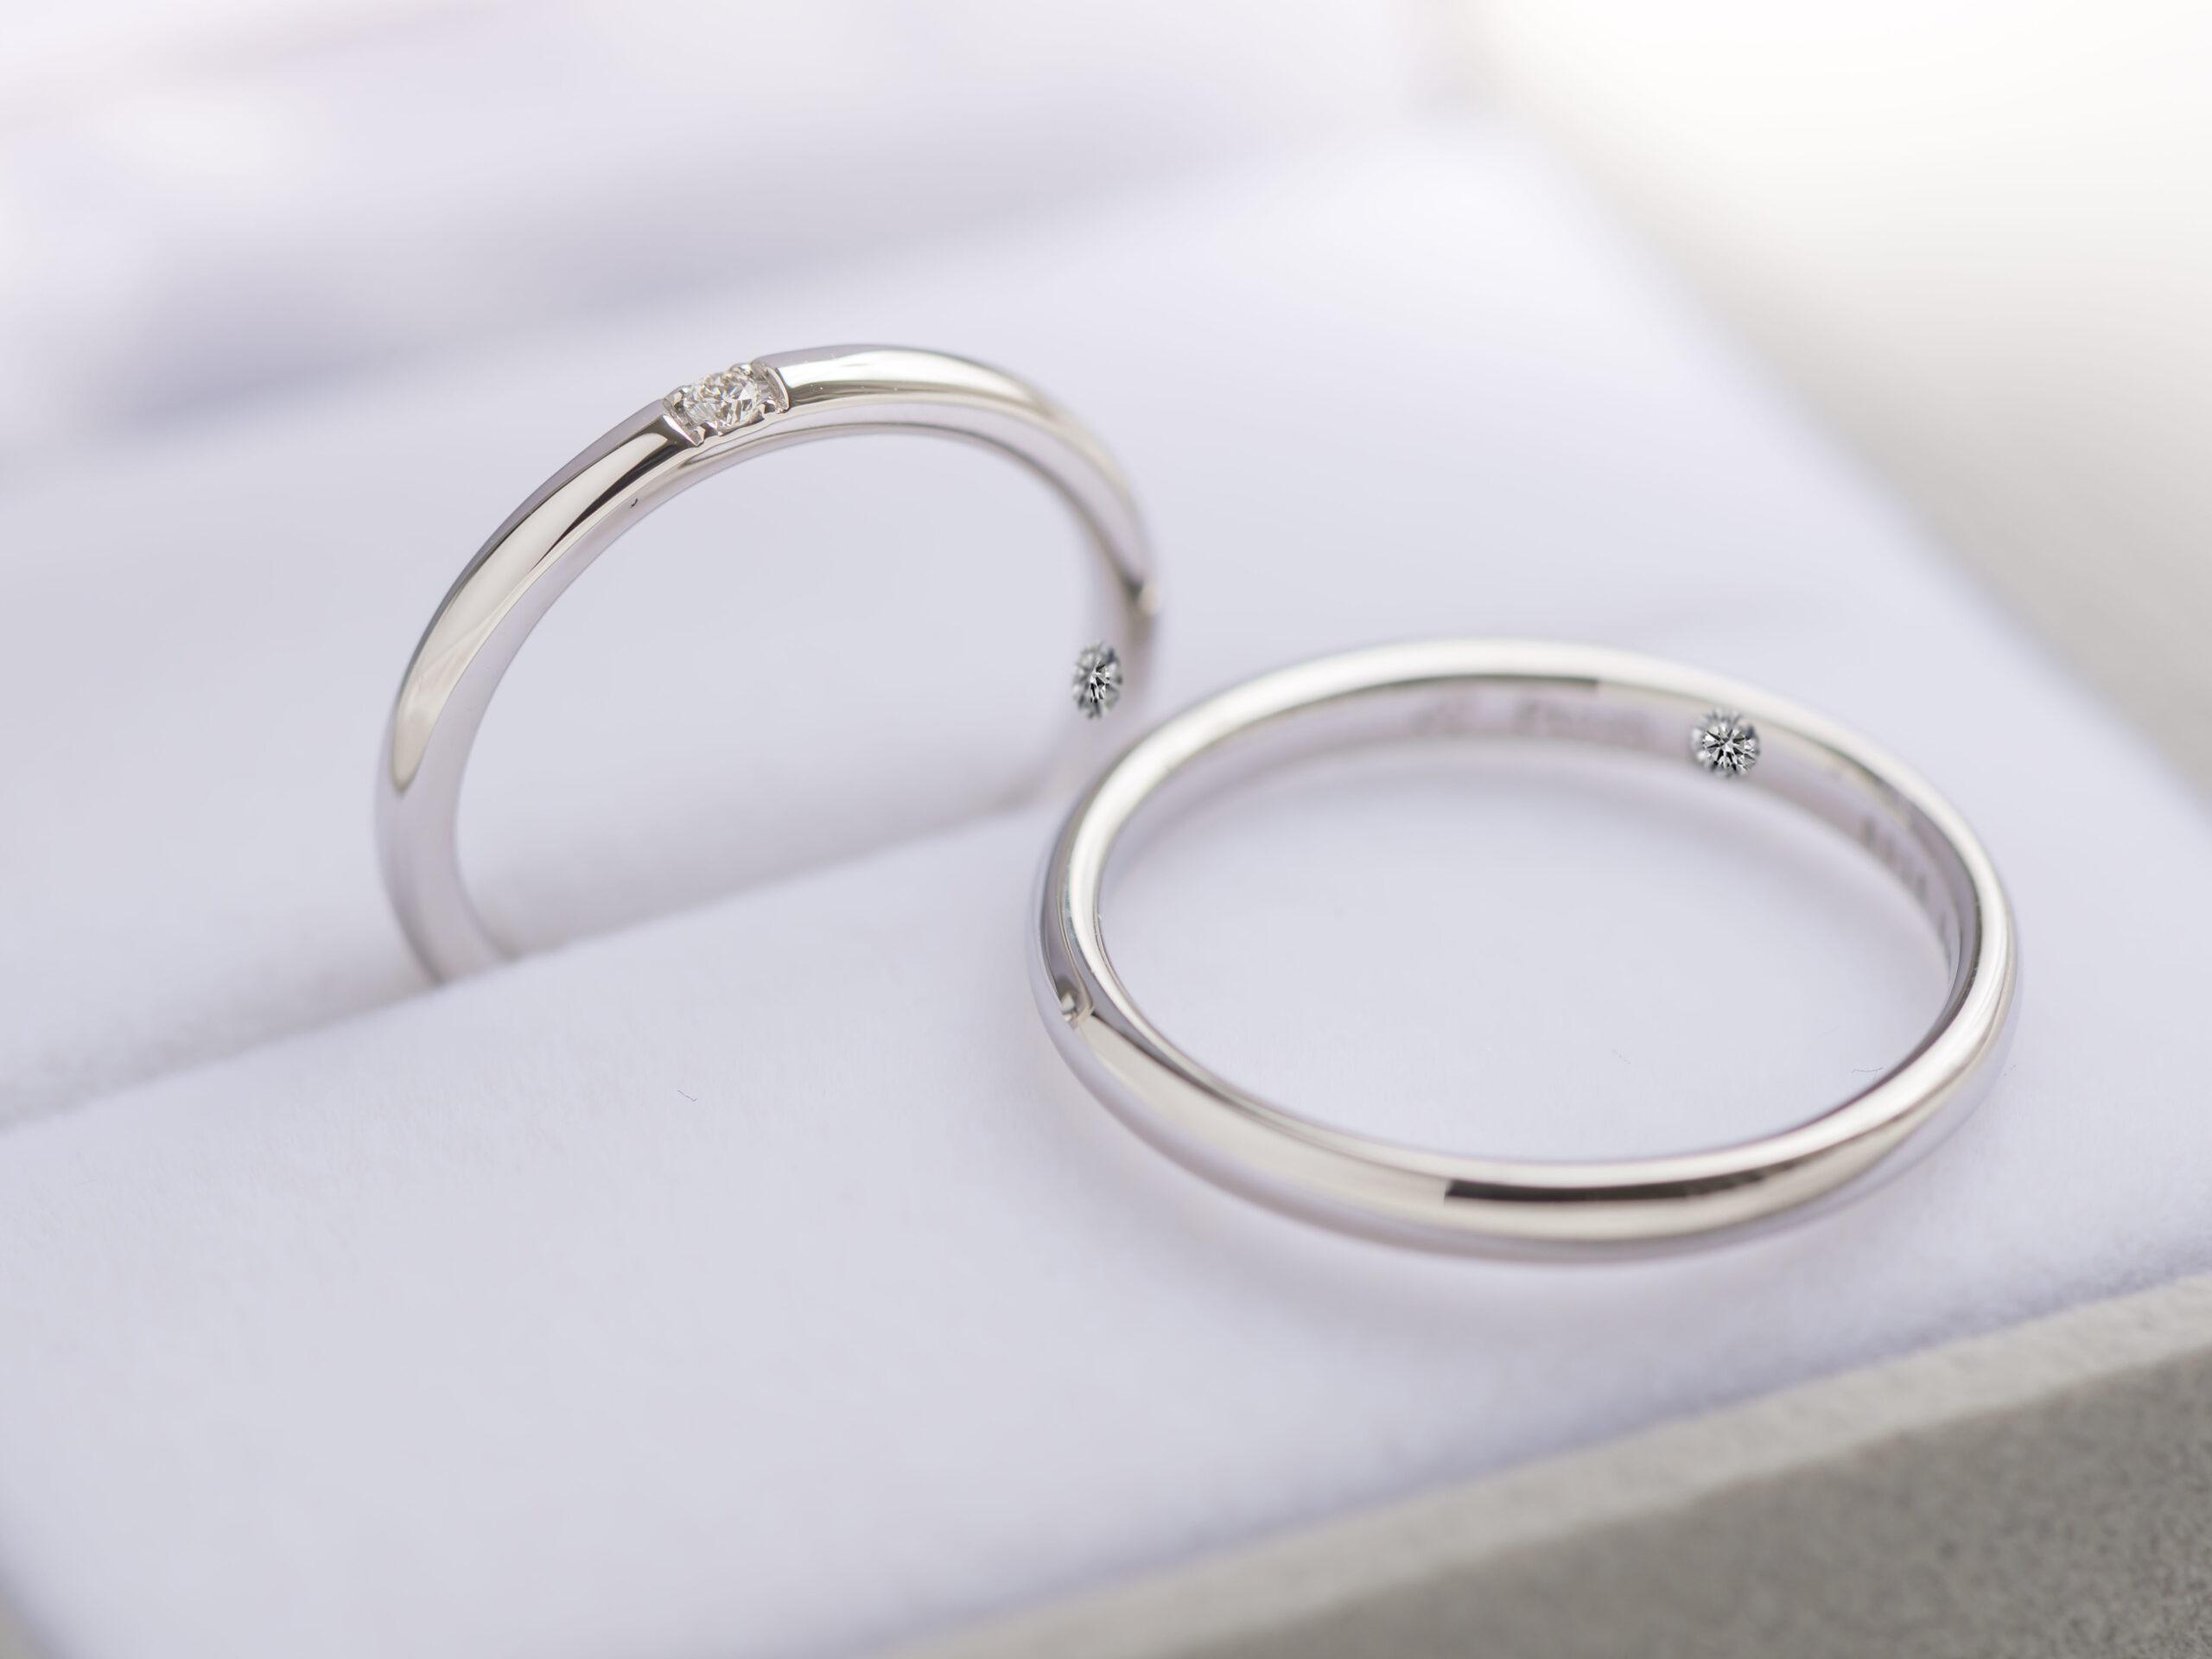 結婚指輪の内側に双子ダイヤモンドをセッティング